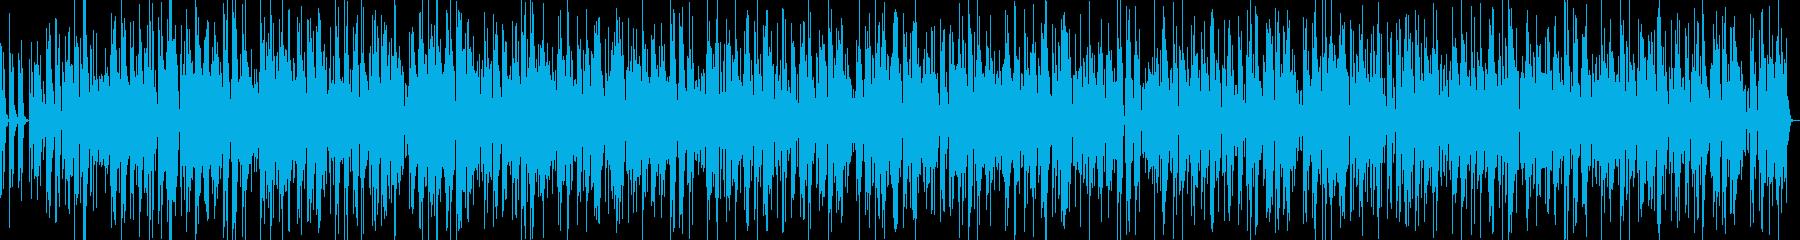 川のせせらぎを描写した和風音楽の再生済みの波形